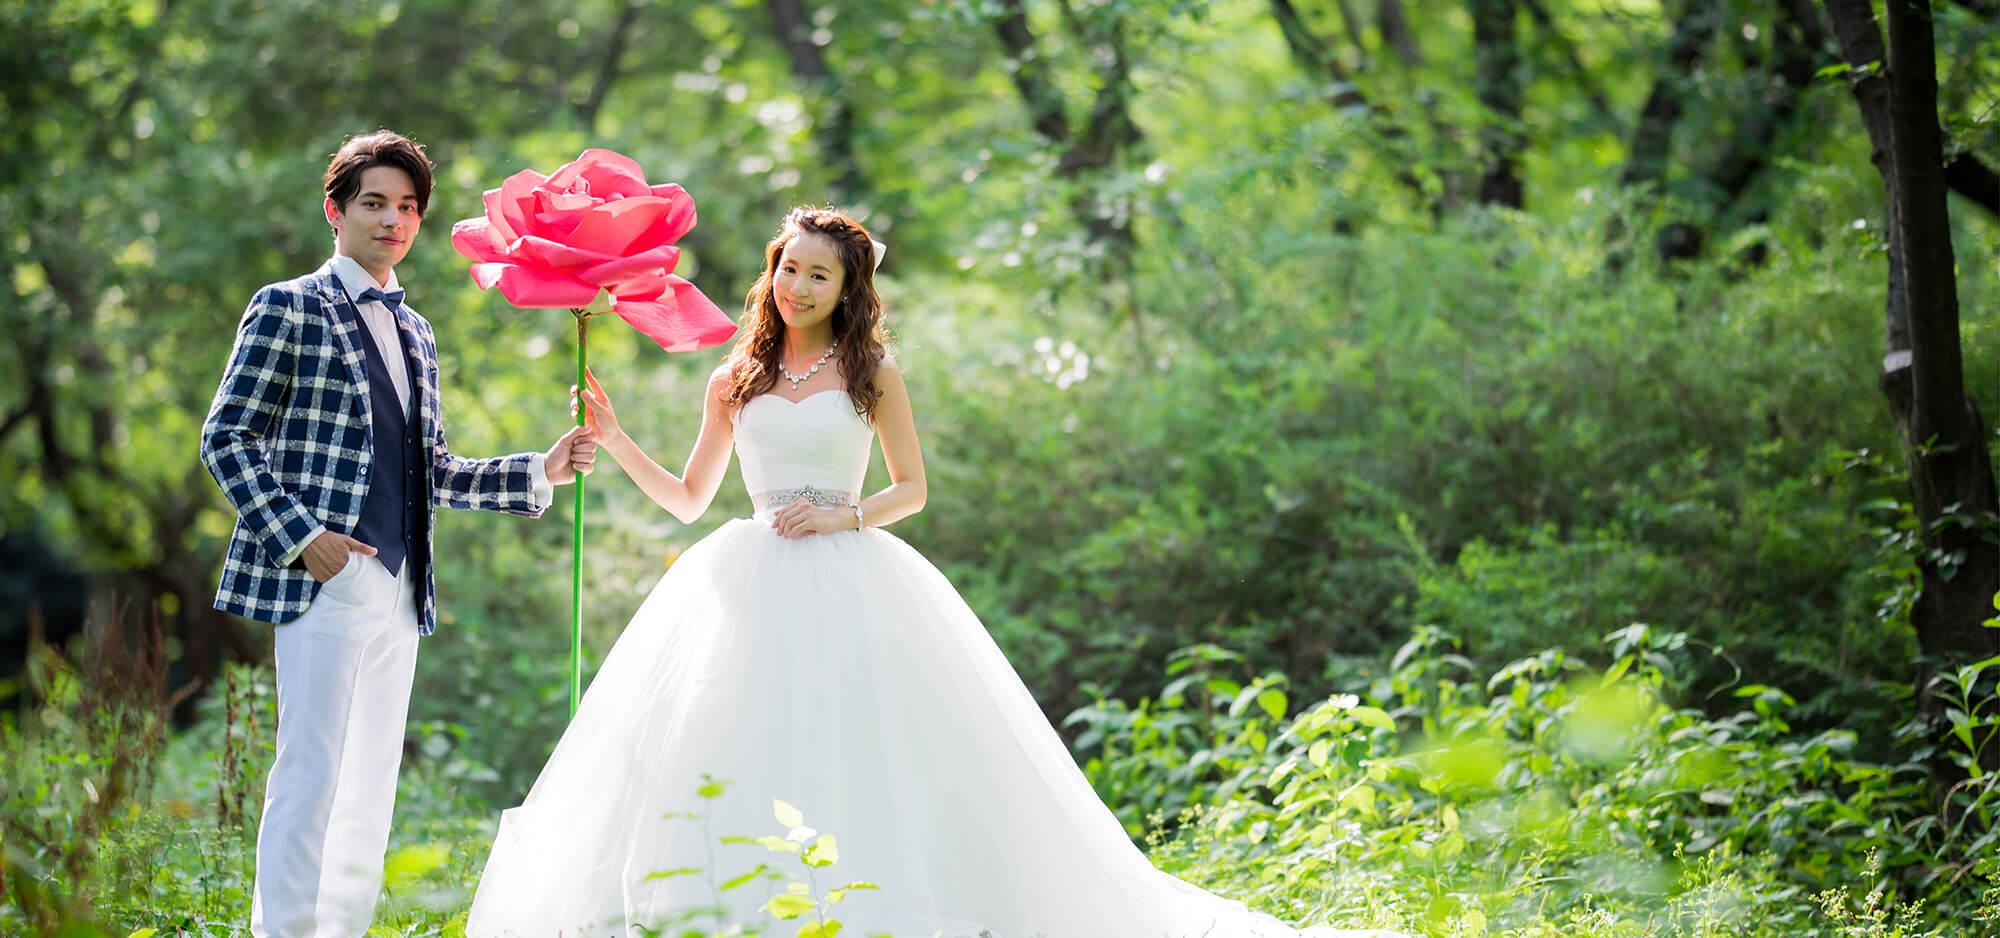 緑が鮮やかな自然の中で、白いウェディングドレス姿の花嫁と